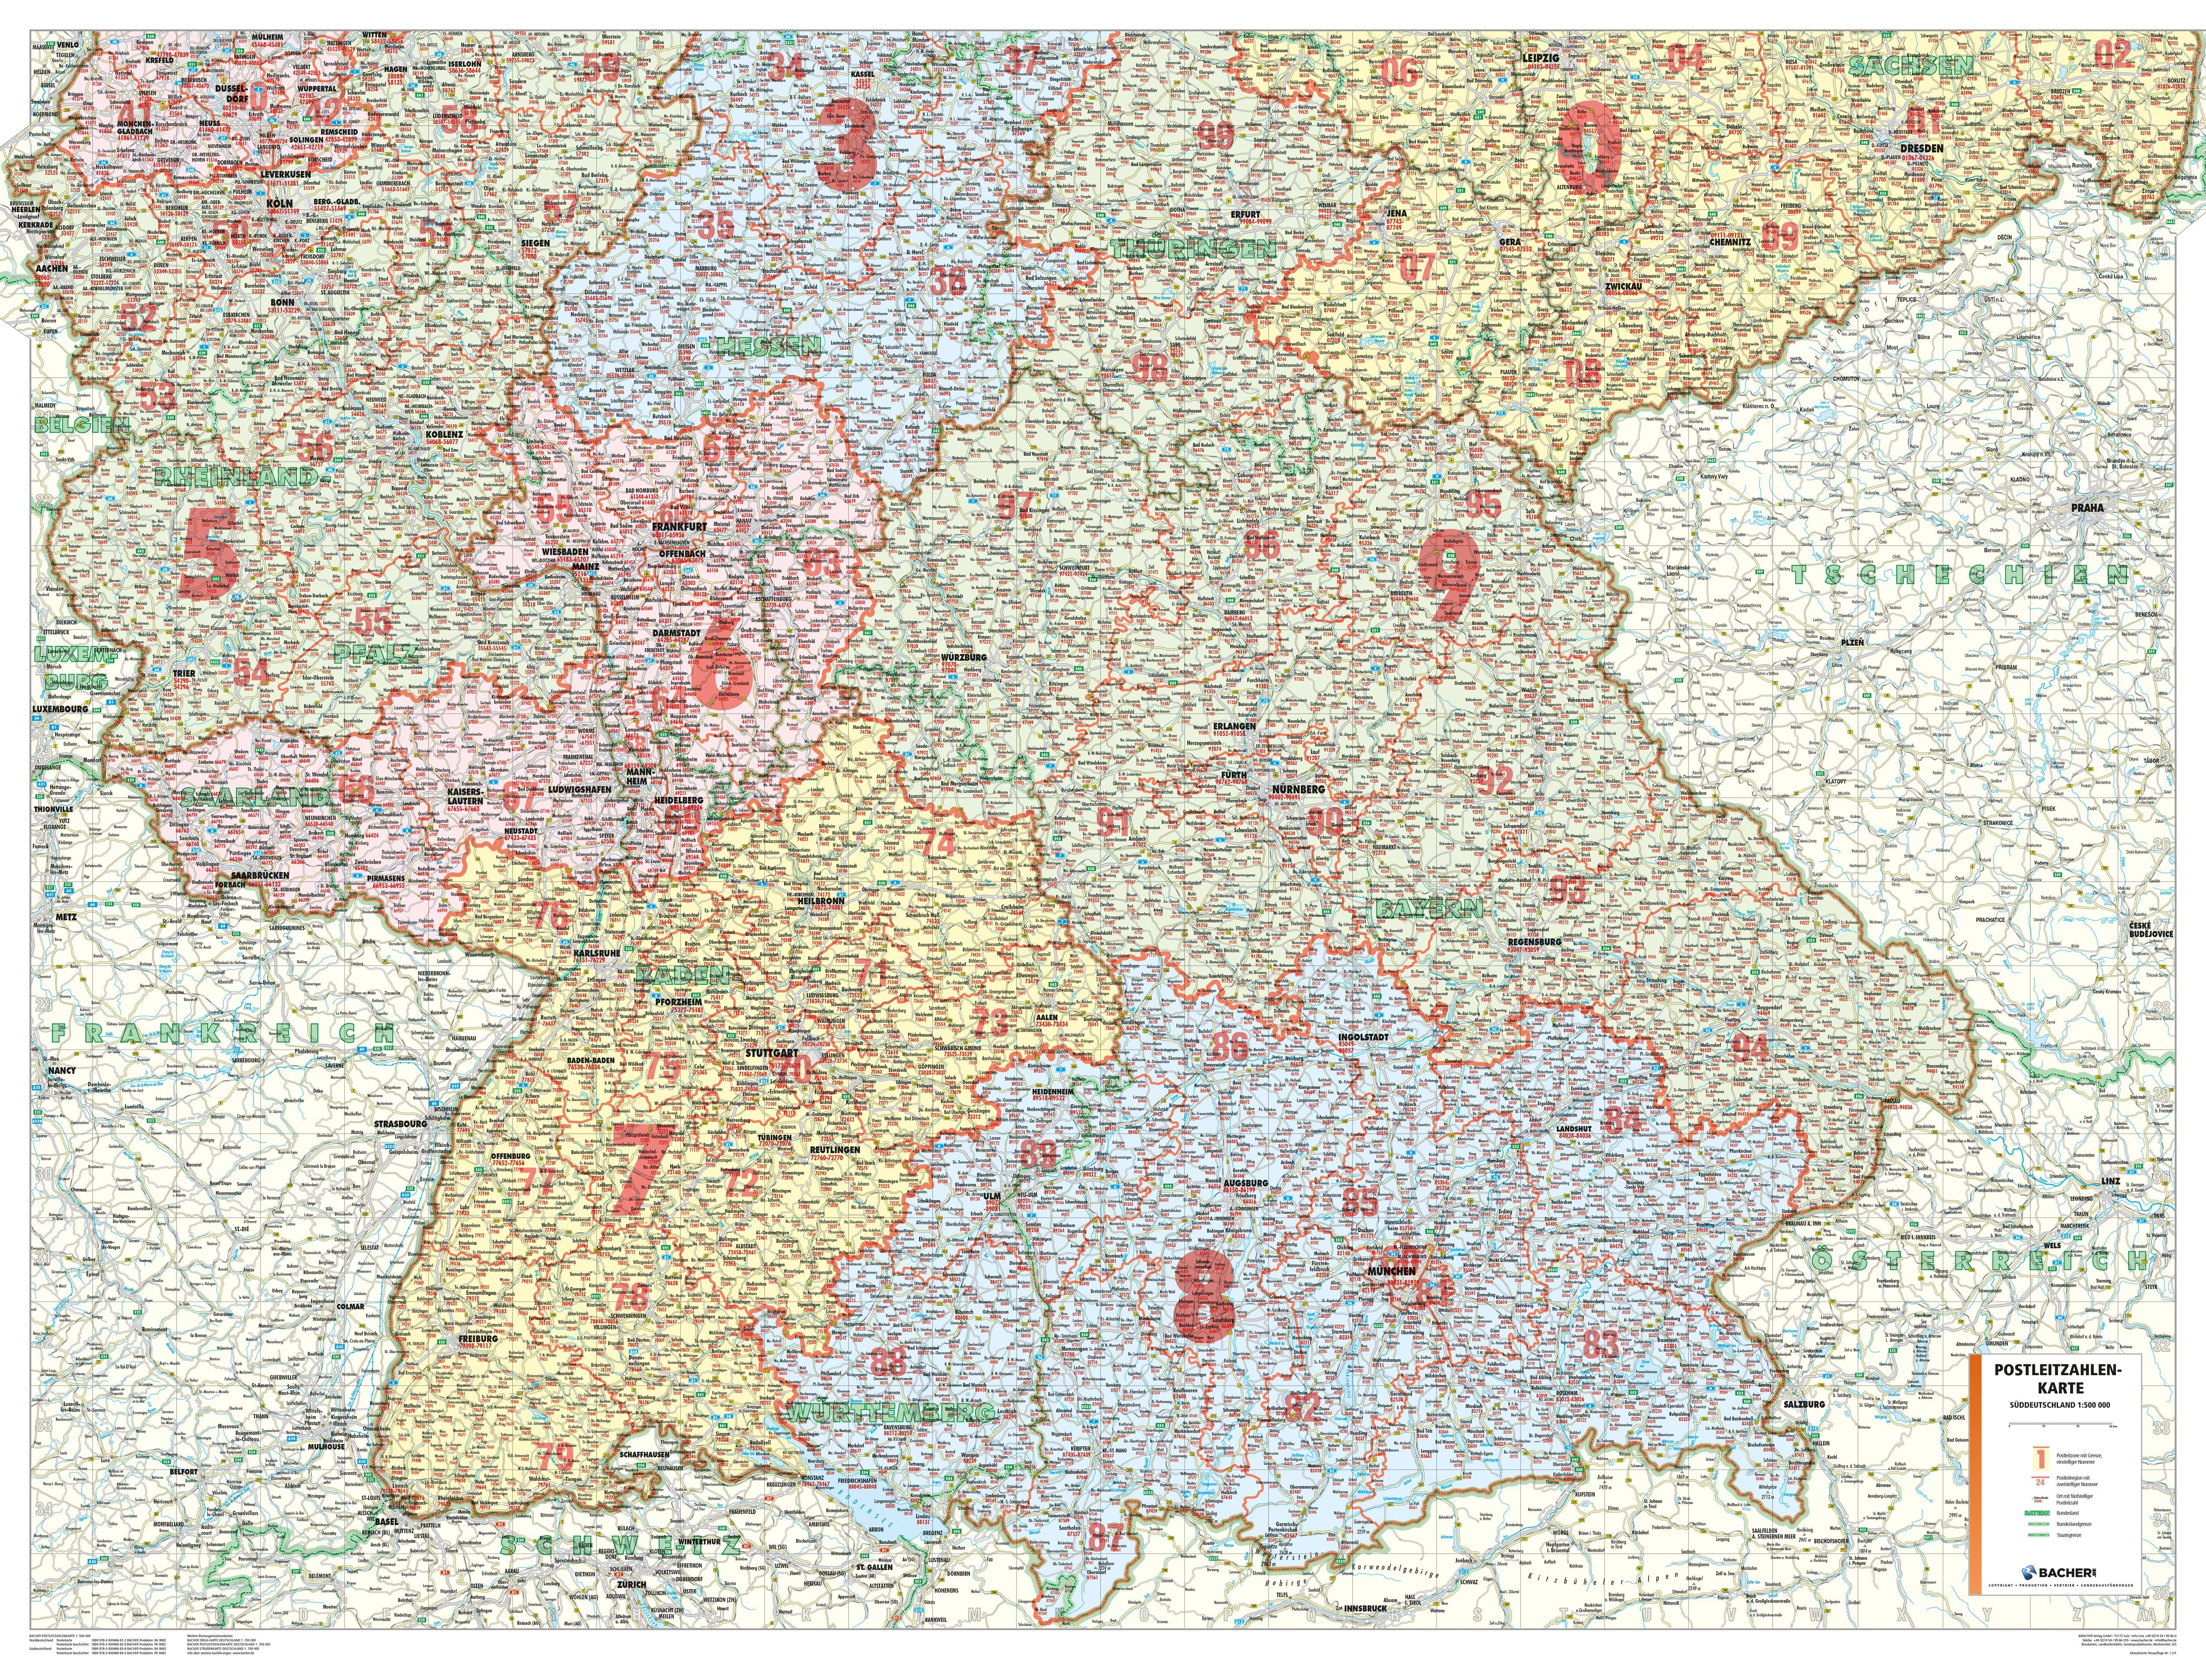 Postleitzahlen München Karte.Postleitzahlenkarte Süddeutschland